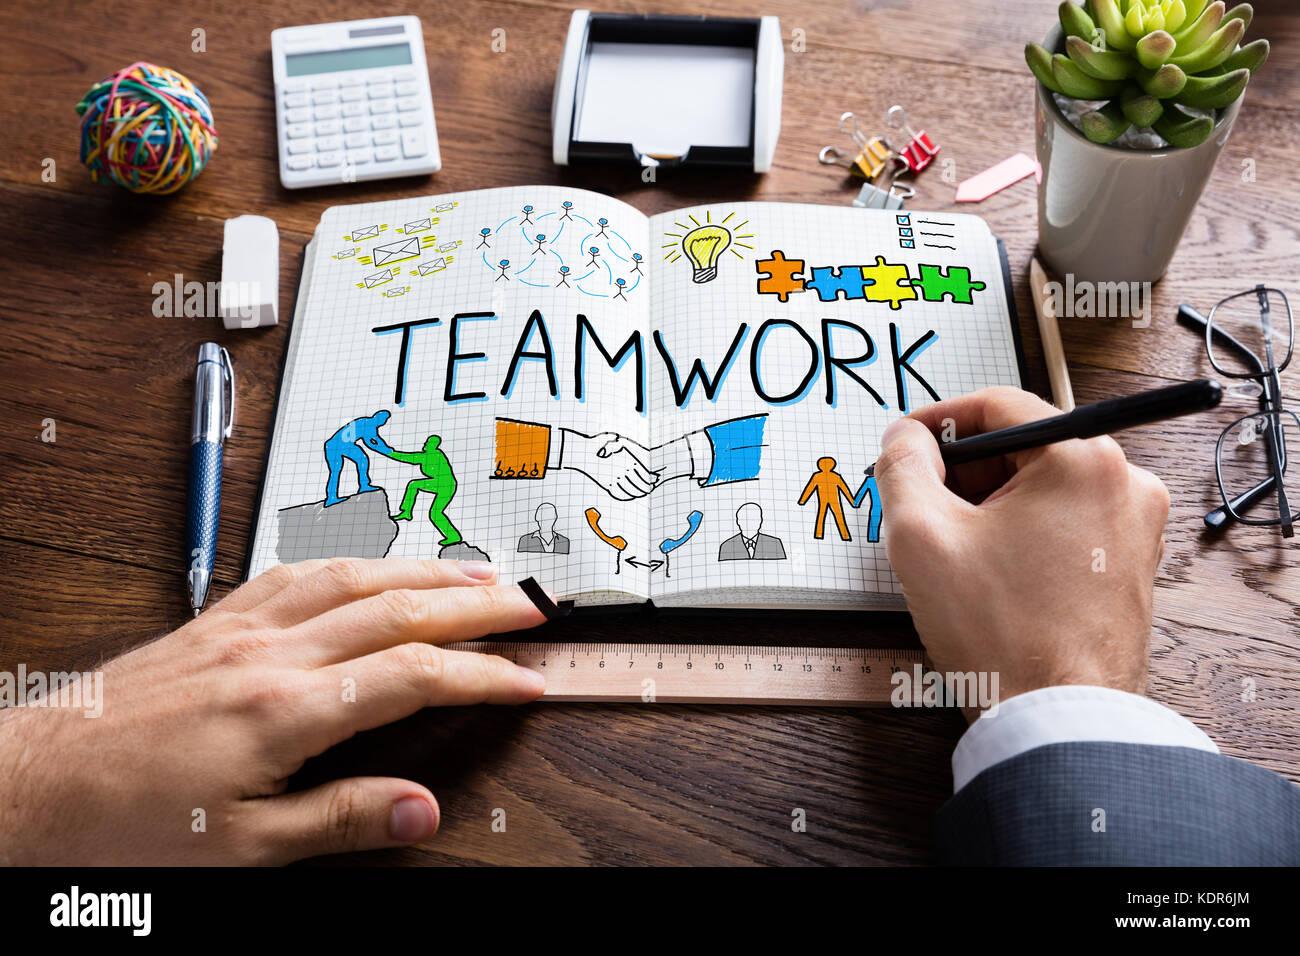 Close-up di commercianti di disegno concetto di lavoro di squadra su notebook alla scrivania in legno Immagini Stock